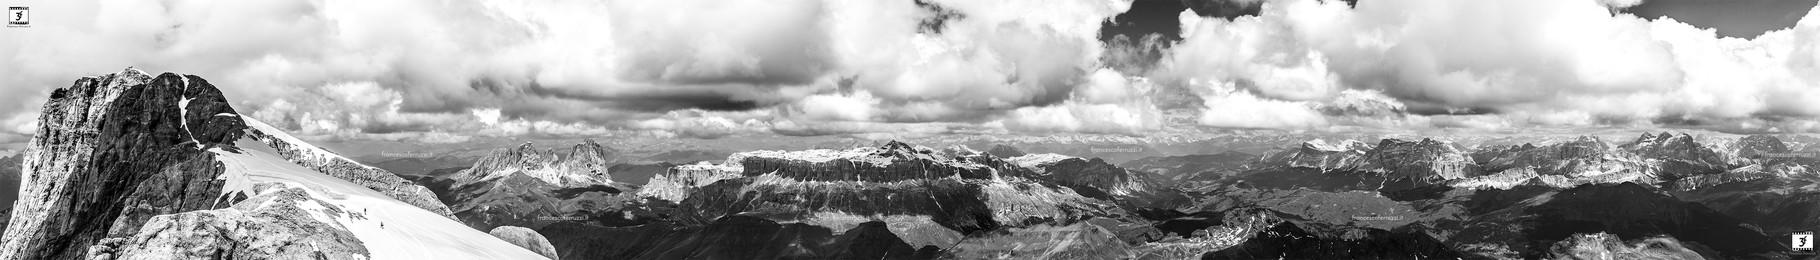 Trentino Alto Adige / Veneto - dalla cima del ghiacciaio della Marmolada